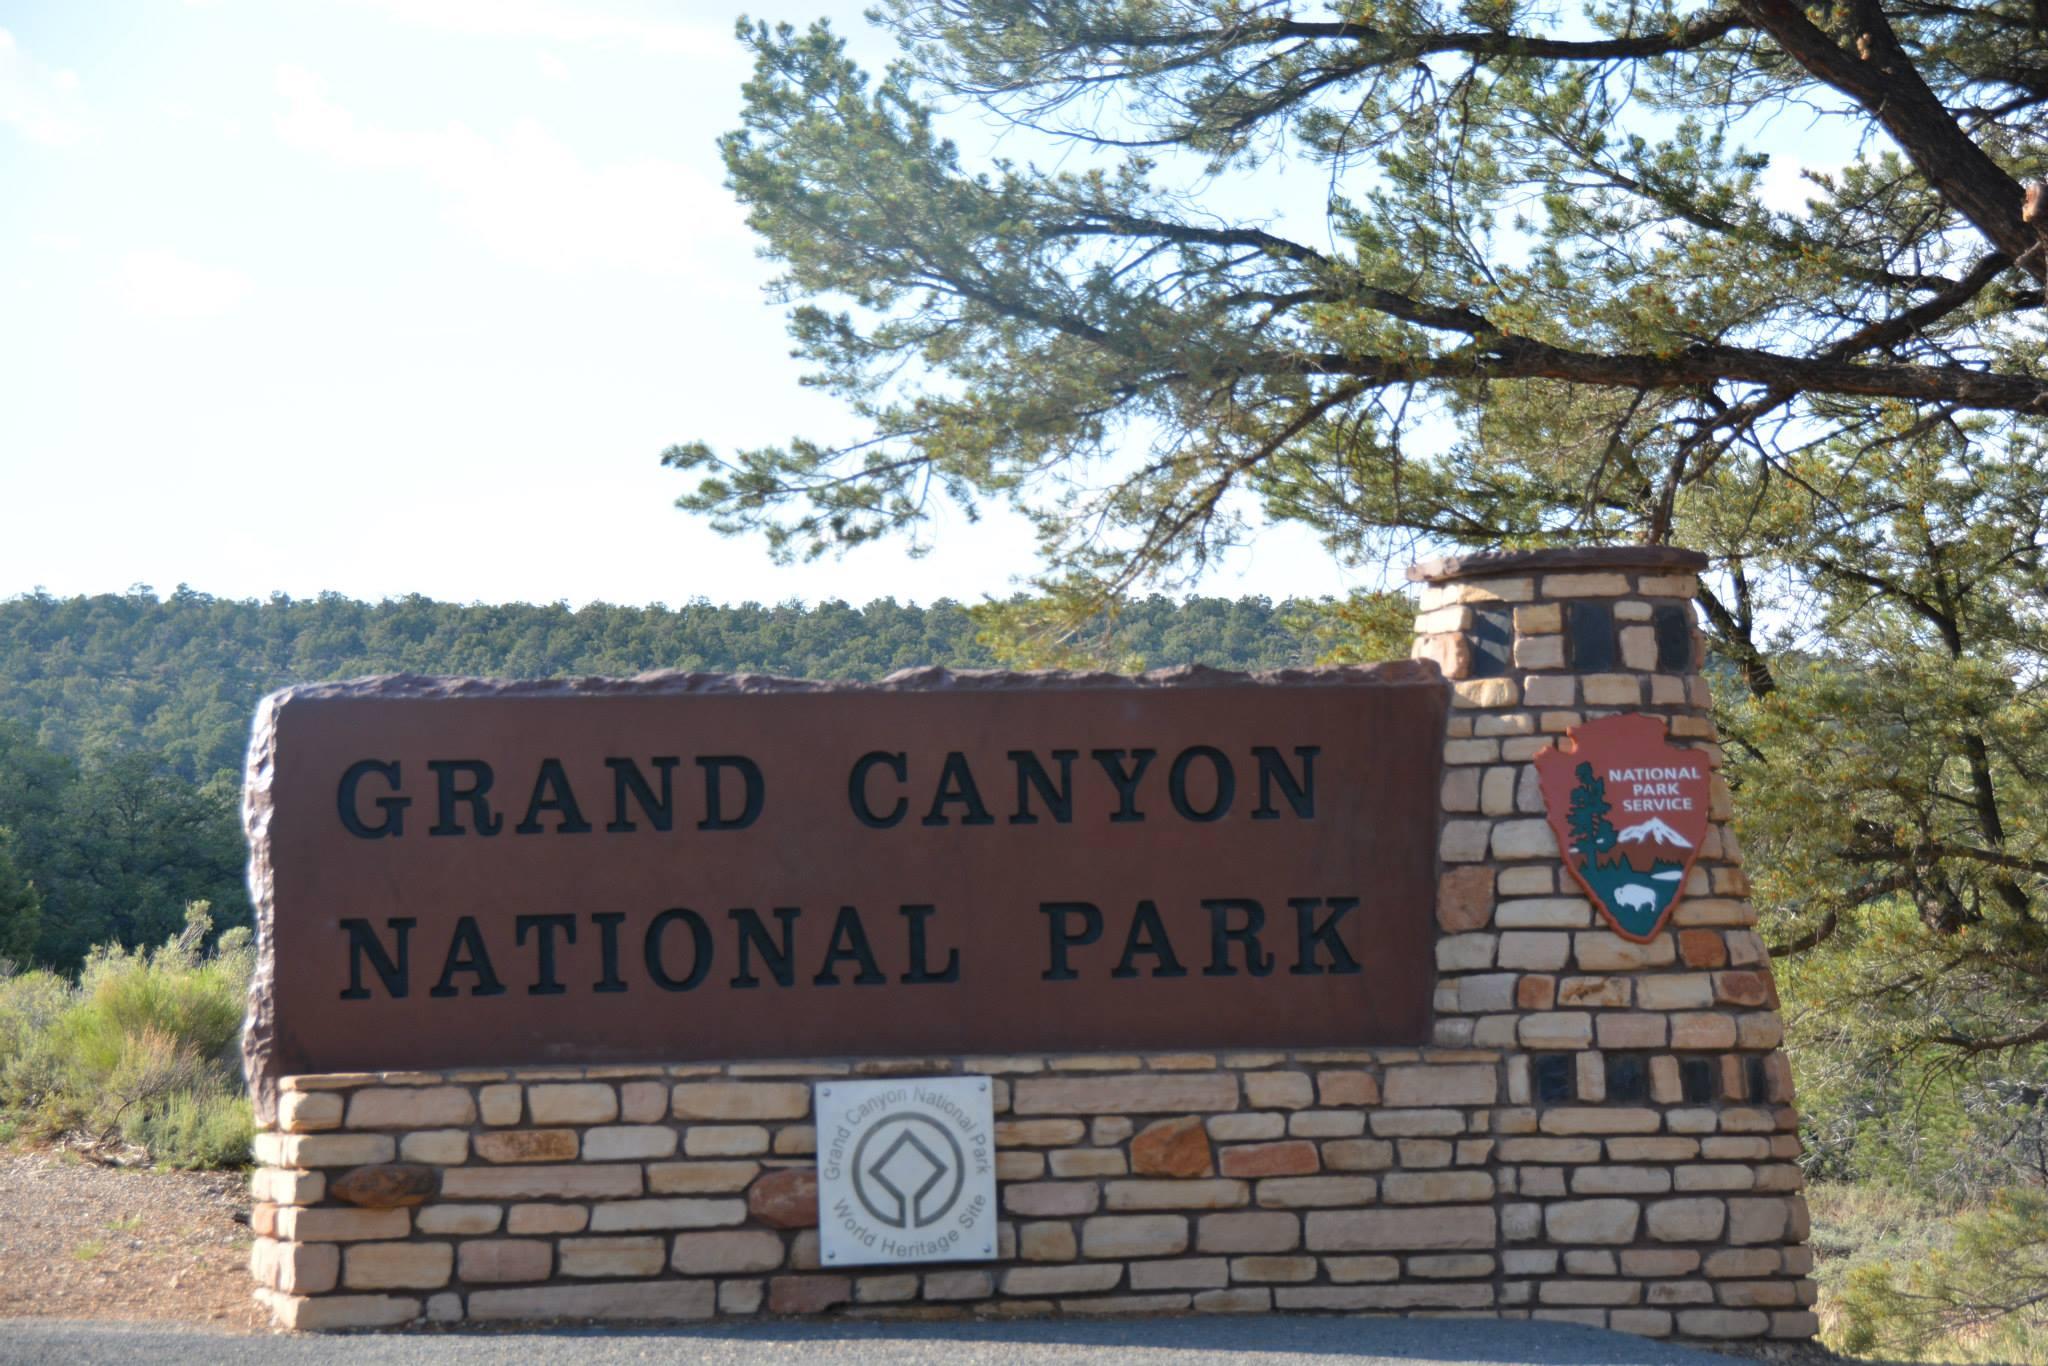 שלט הכניסה לגרנד קניון